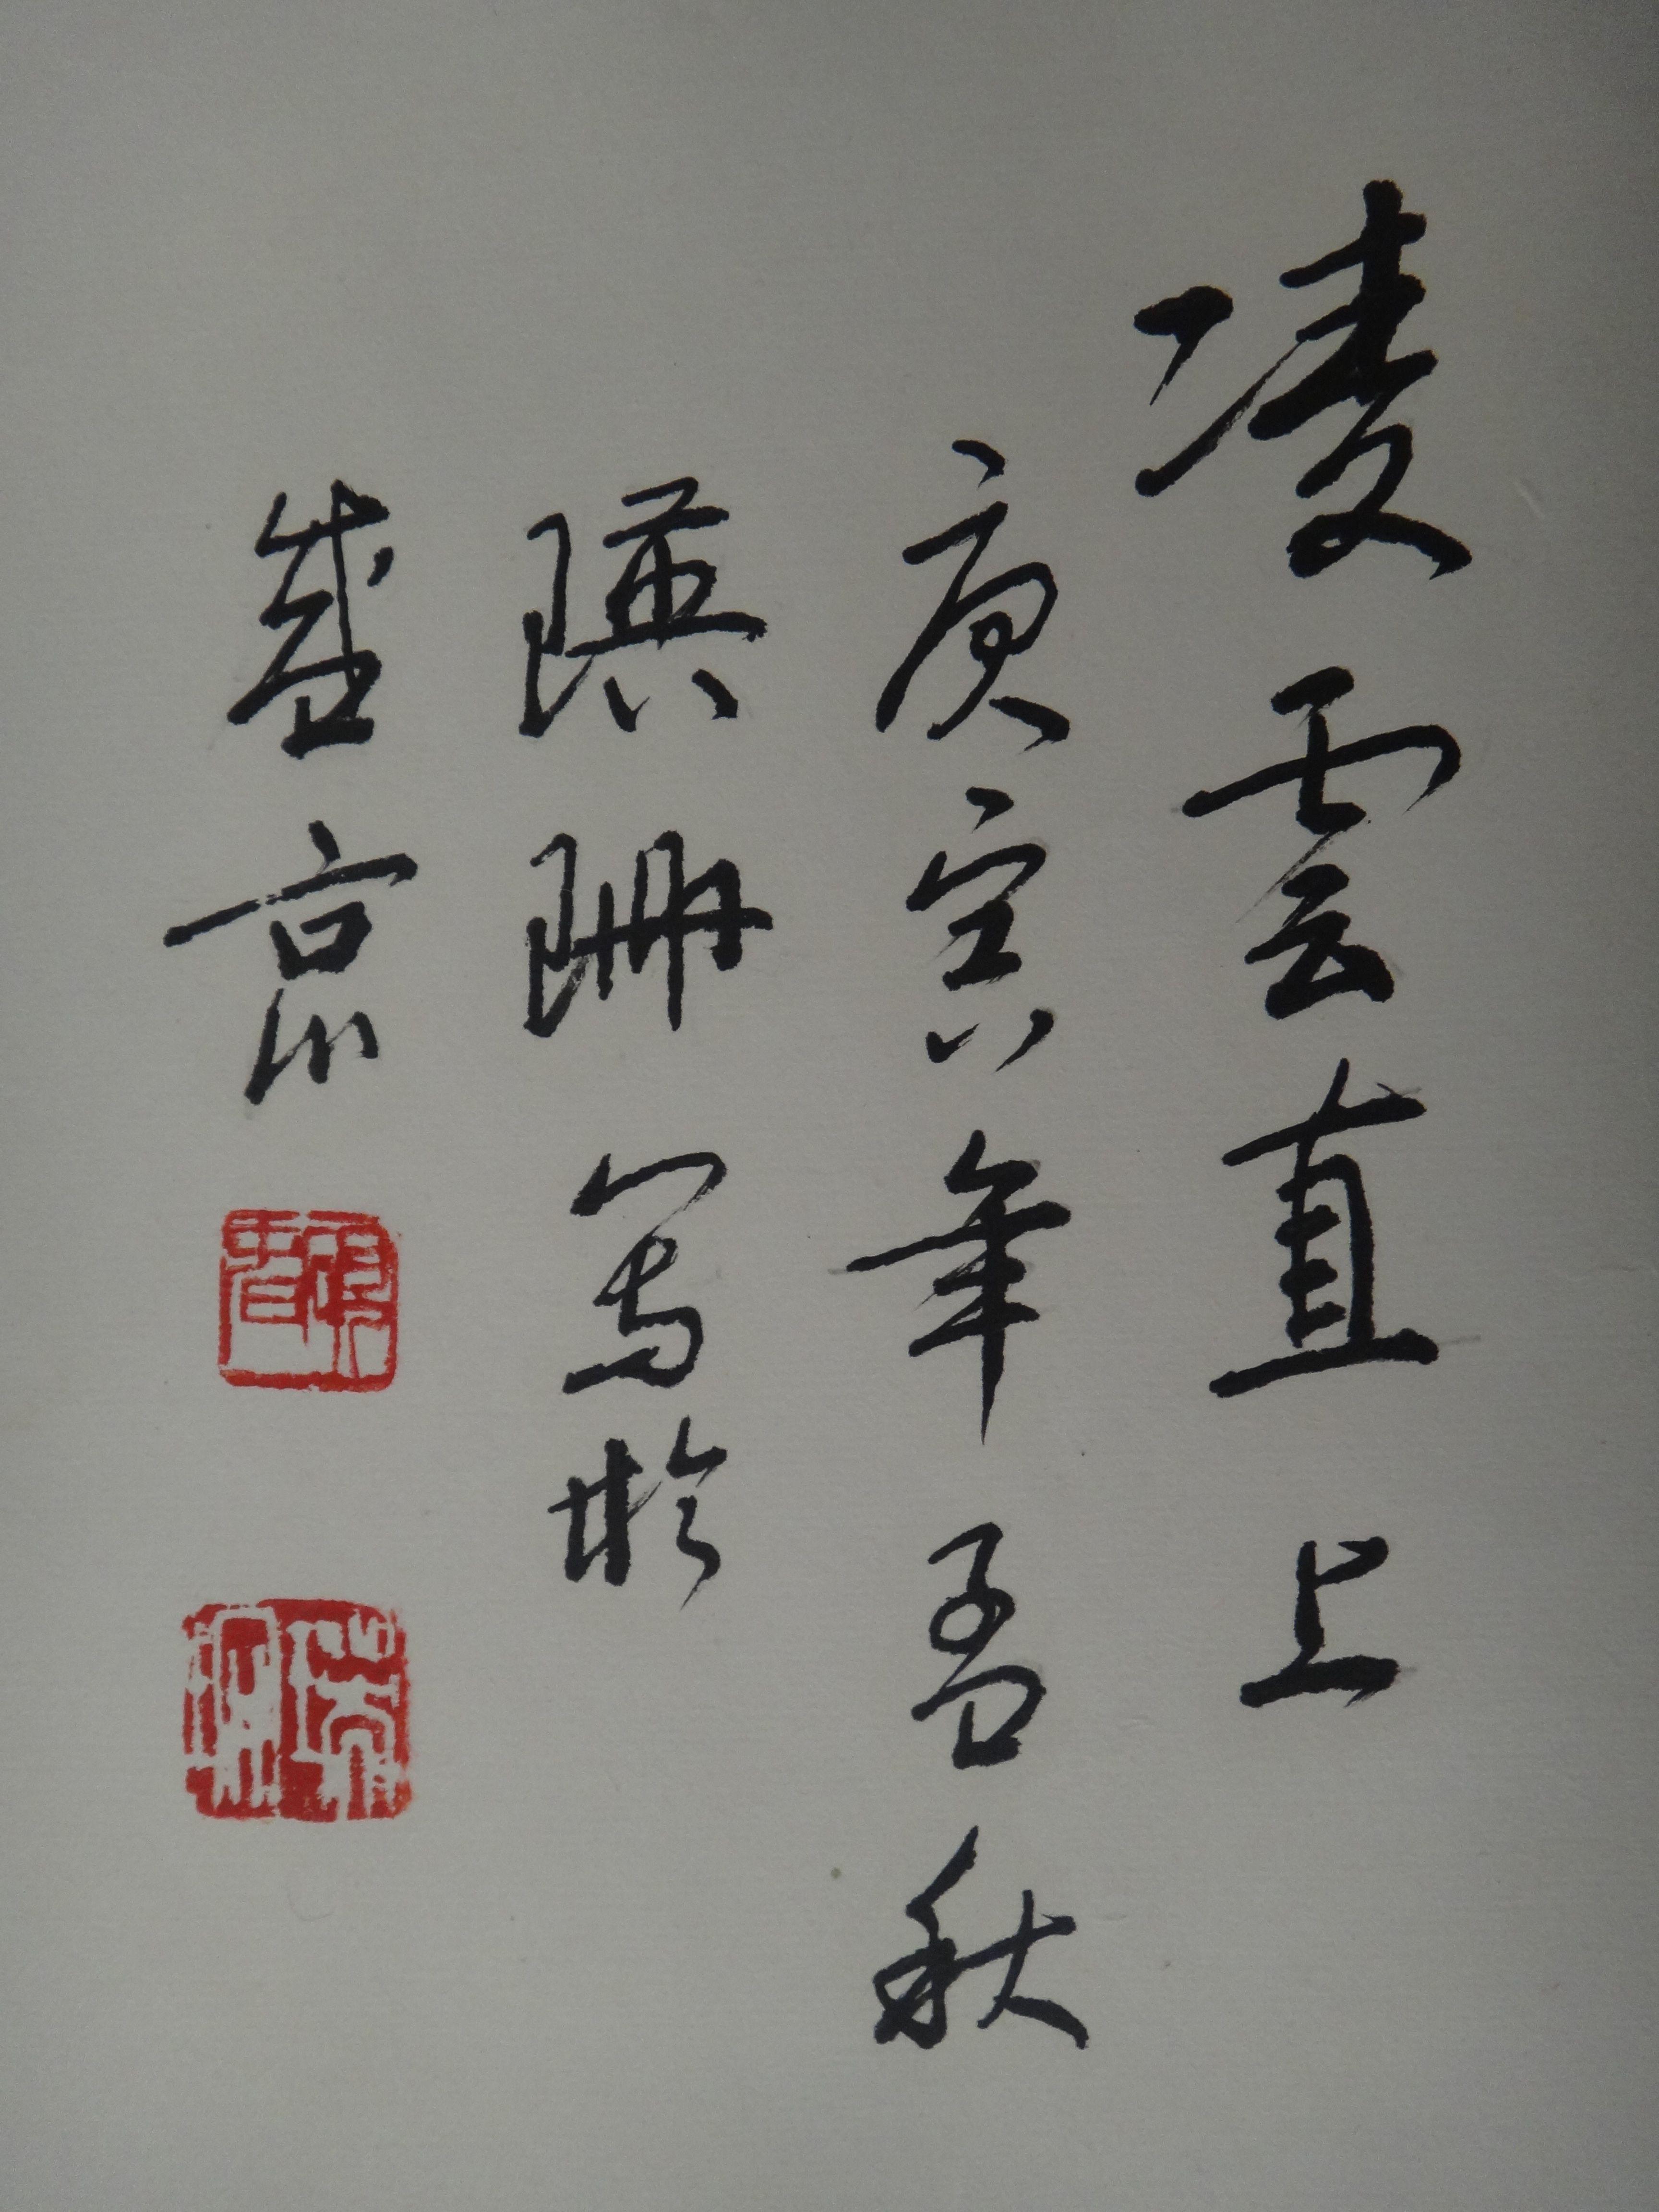 请问这幅画的落款写的是什么字,作者是谁,印章是谁?图片